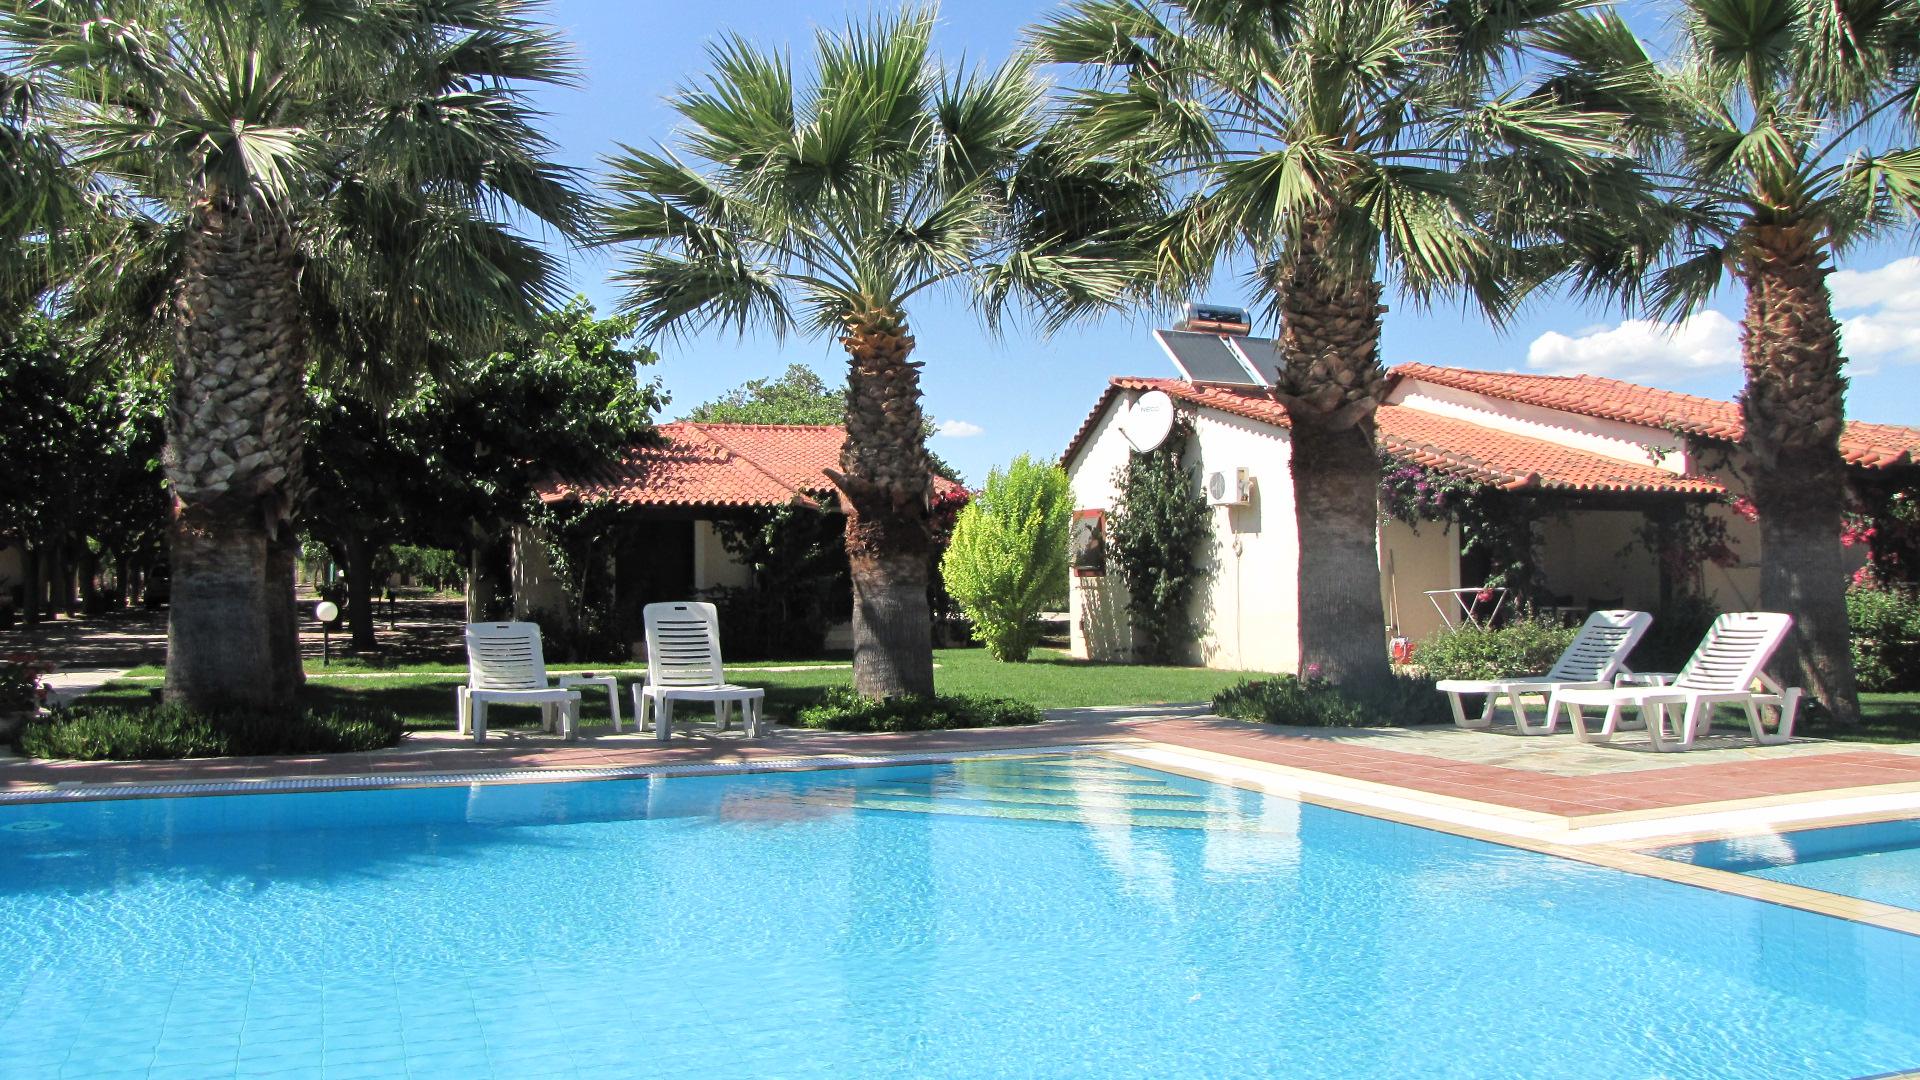 Ferienhäuser in Griechenland mit pool